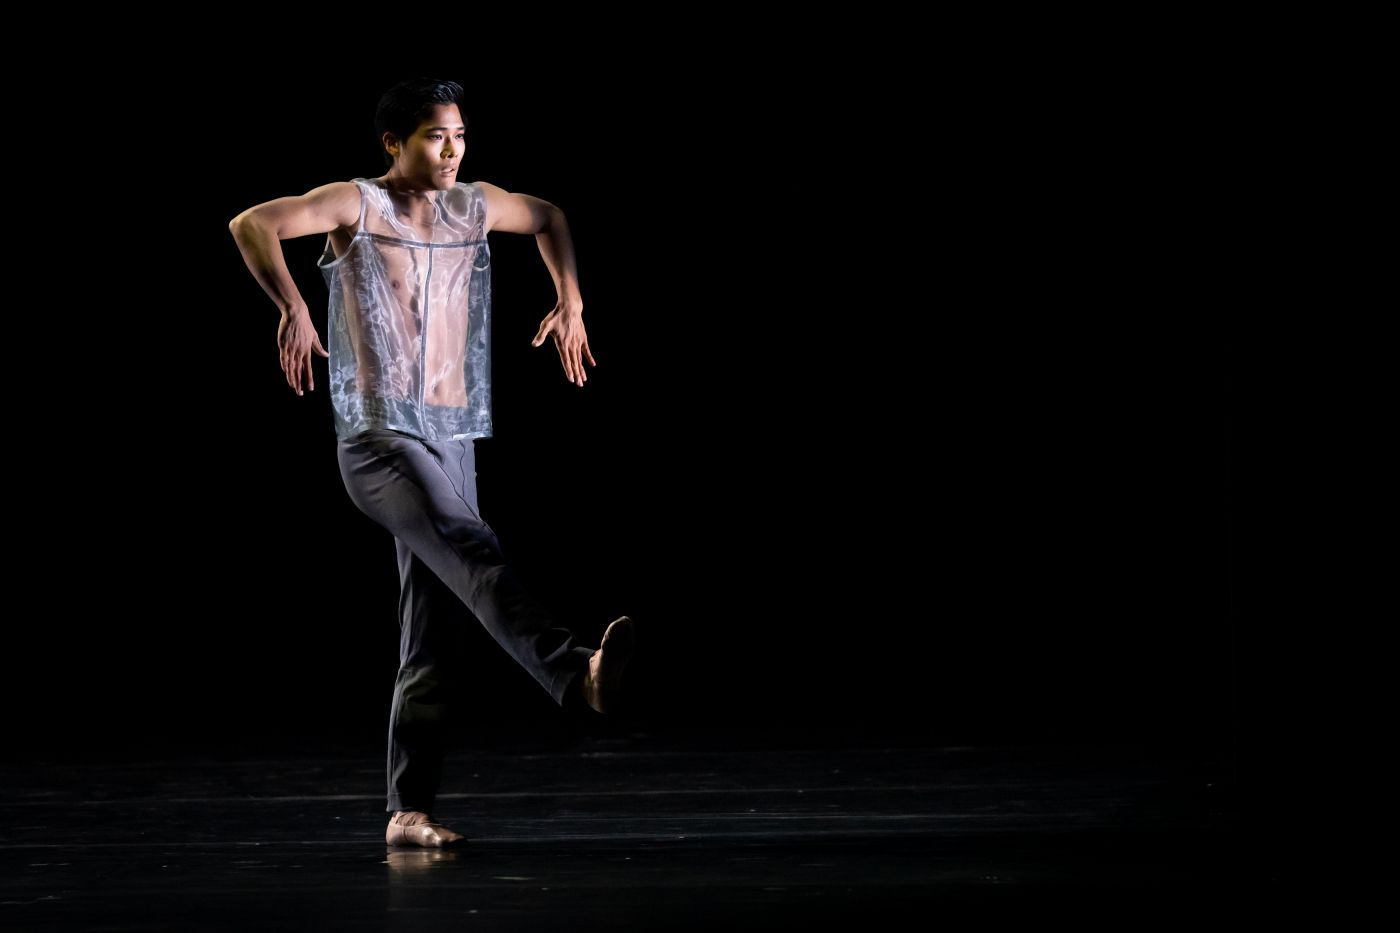 Het Nationale Ballet - Manoeuvre © Michel Schnater - NOBDAT01-142_0.j